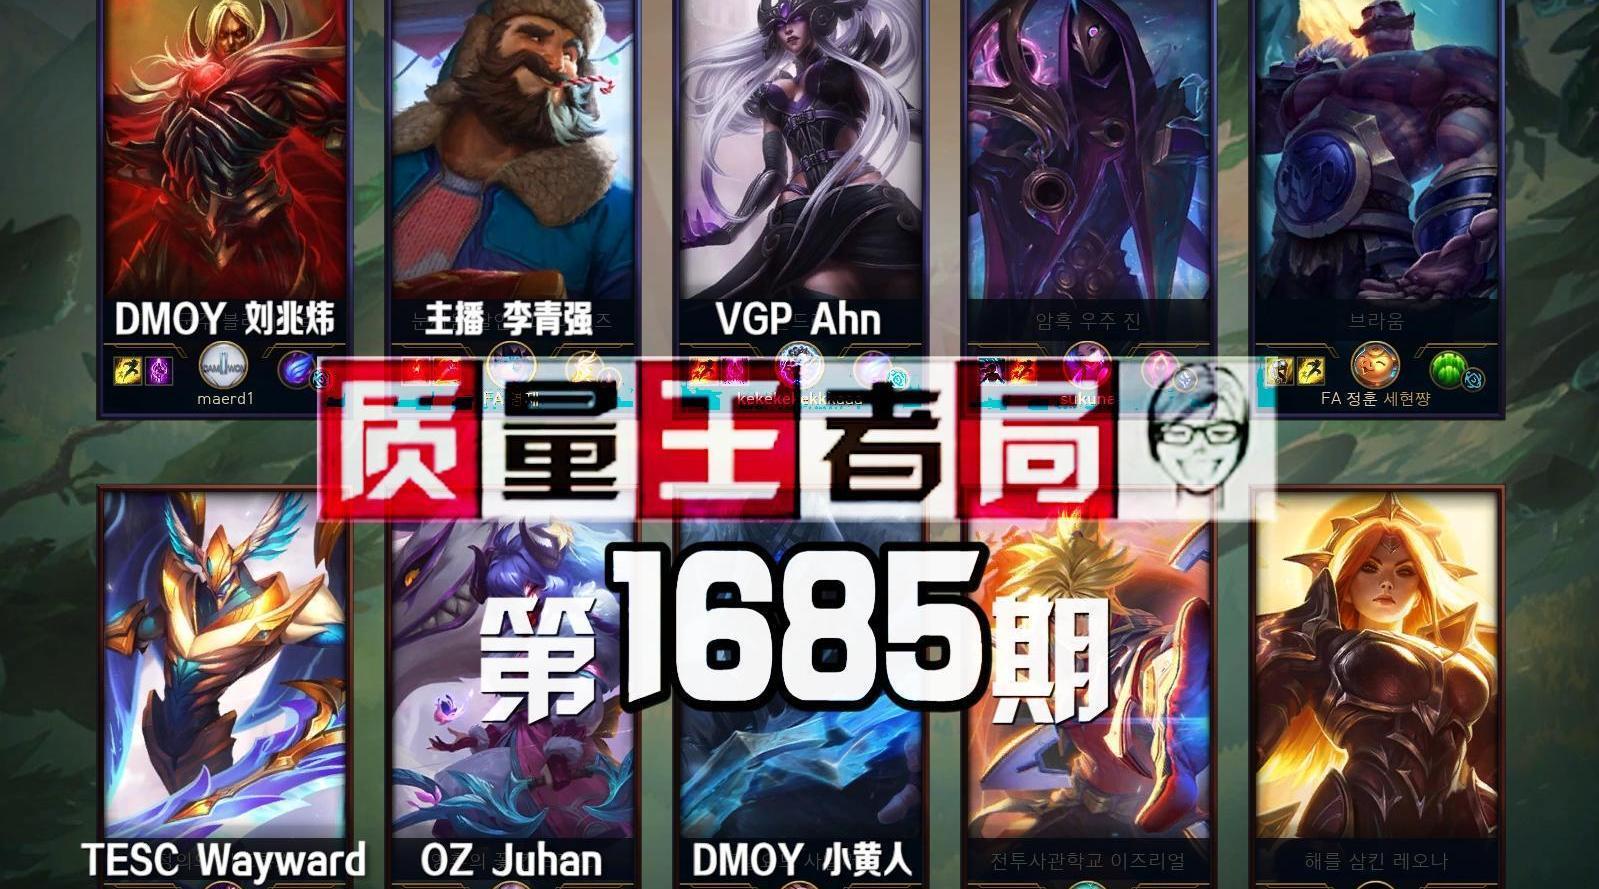 质量王者局1685丨李青强, 小黄人, 刘兆炜, Juhan, Ahn, Wayward